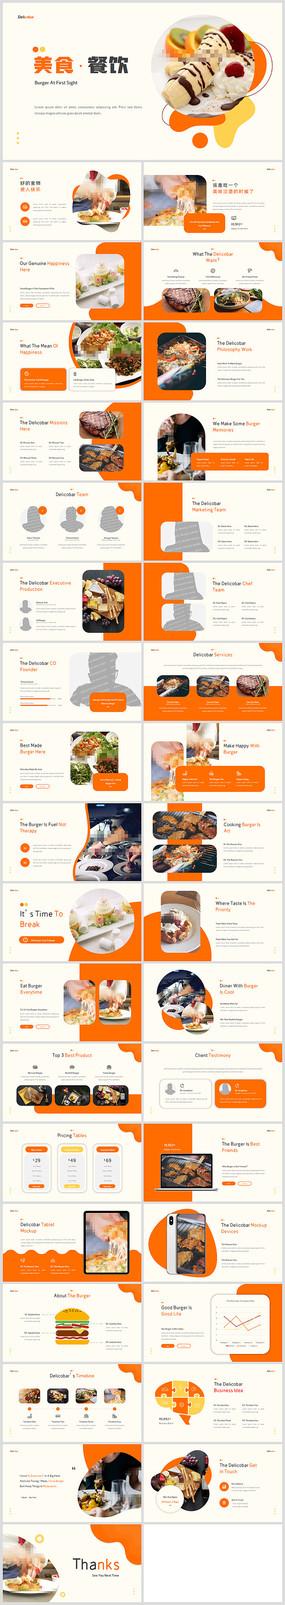 美食餐饮行业酒店餐厅宣传推广ppt模板